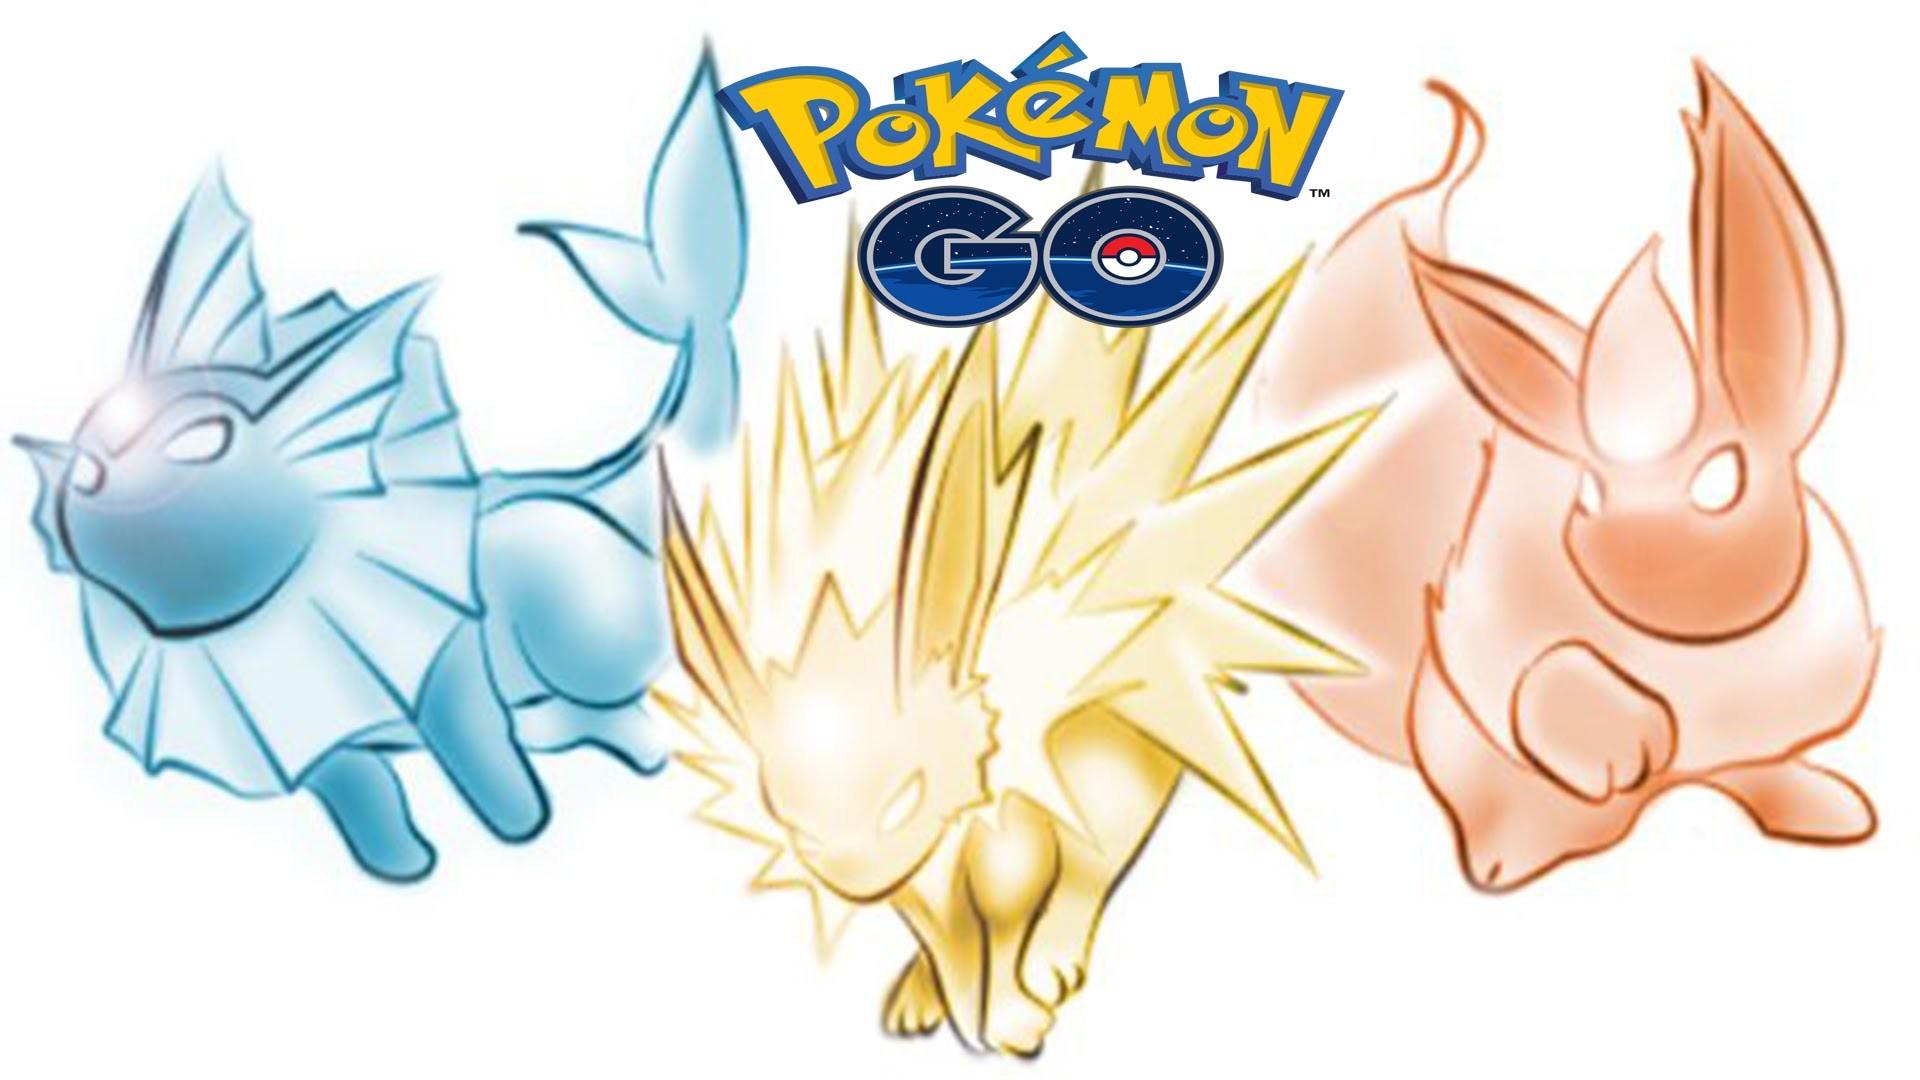 Pokemon Go Eevee Evolutions – Jolteon, Vaporeon and Flareon